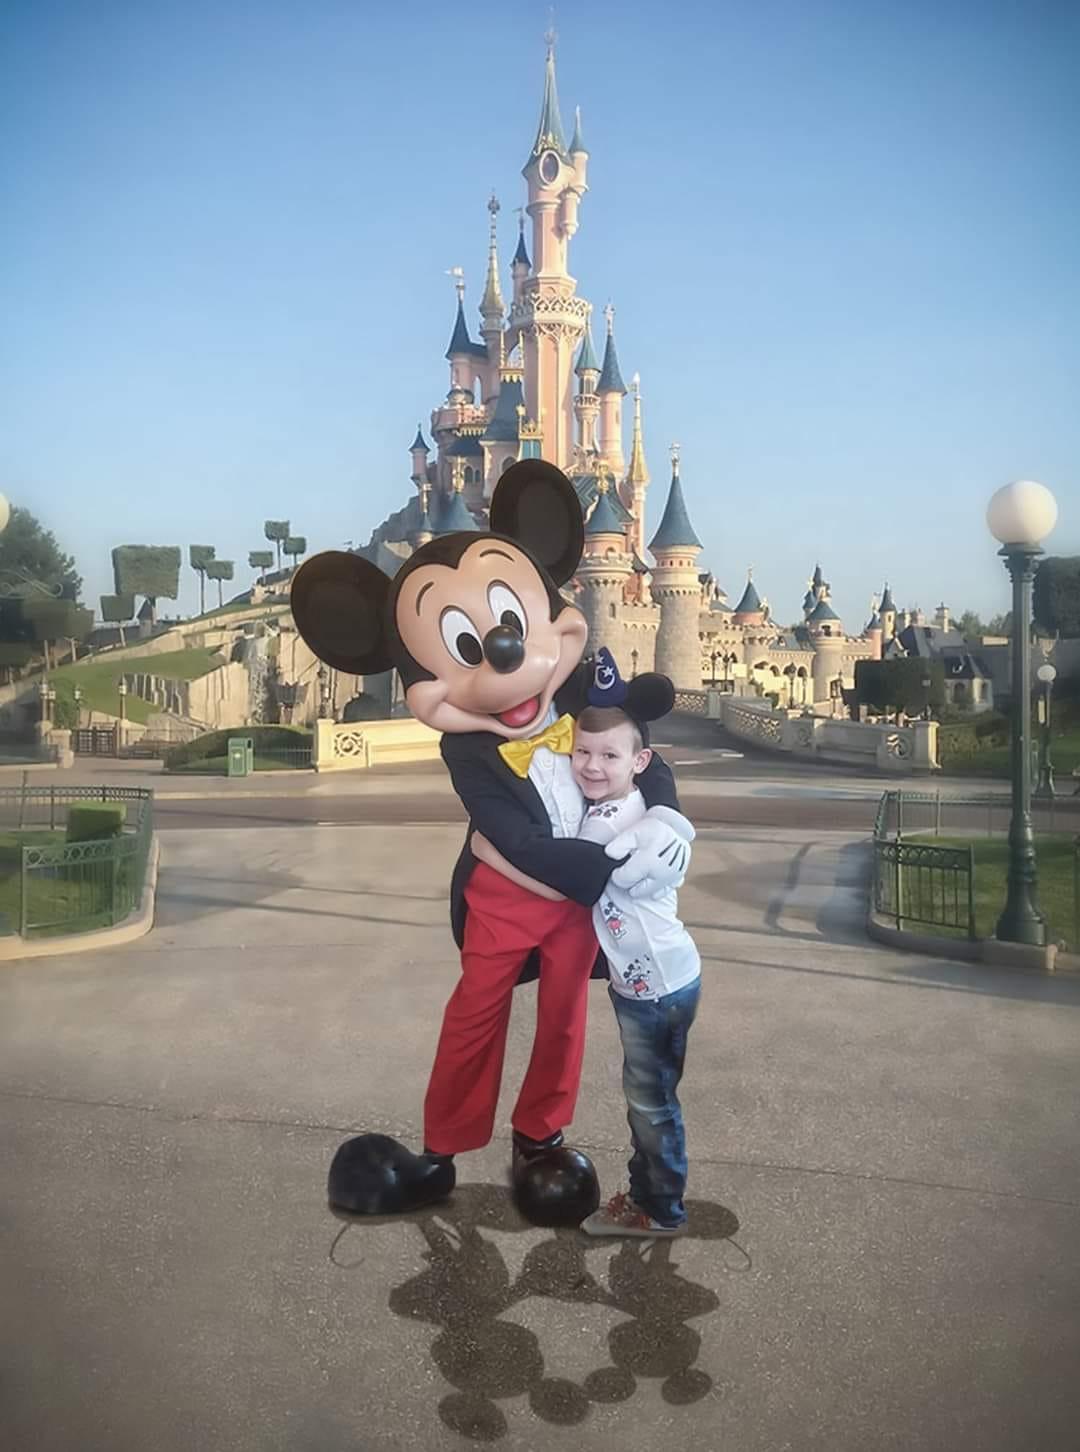 Image of Disney Land Paris Castle Edit